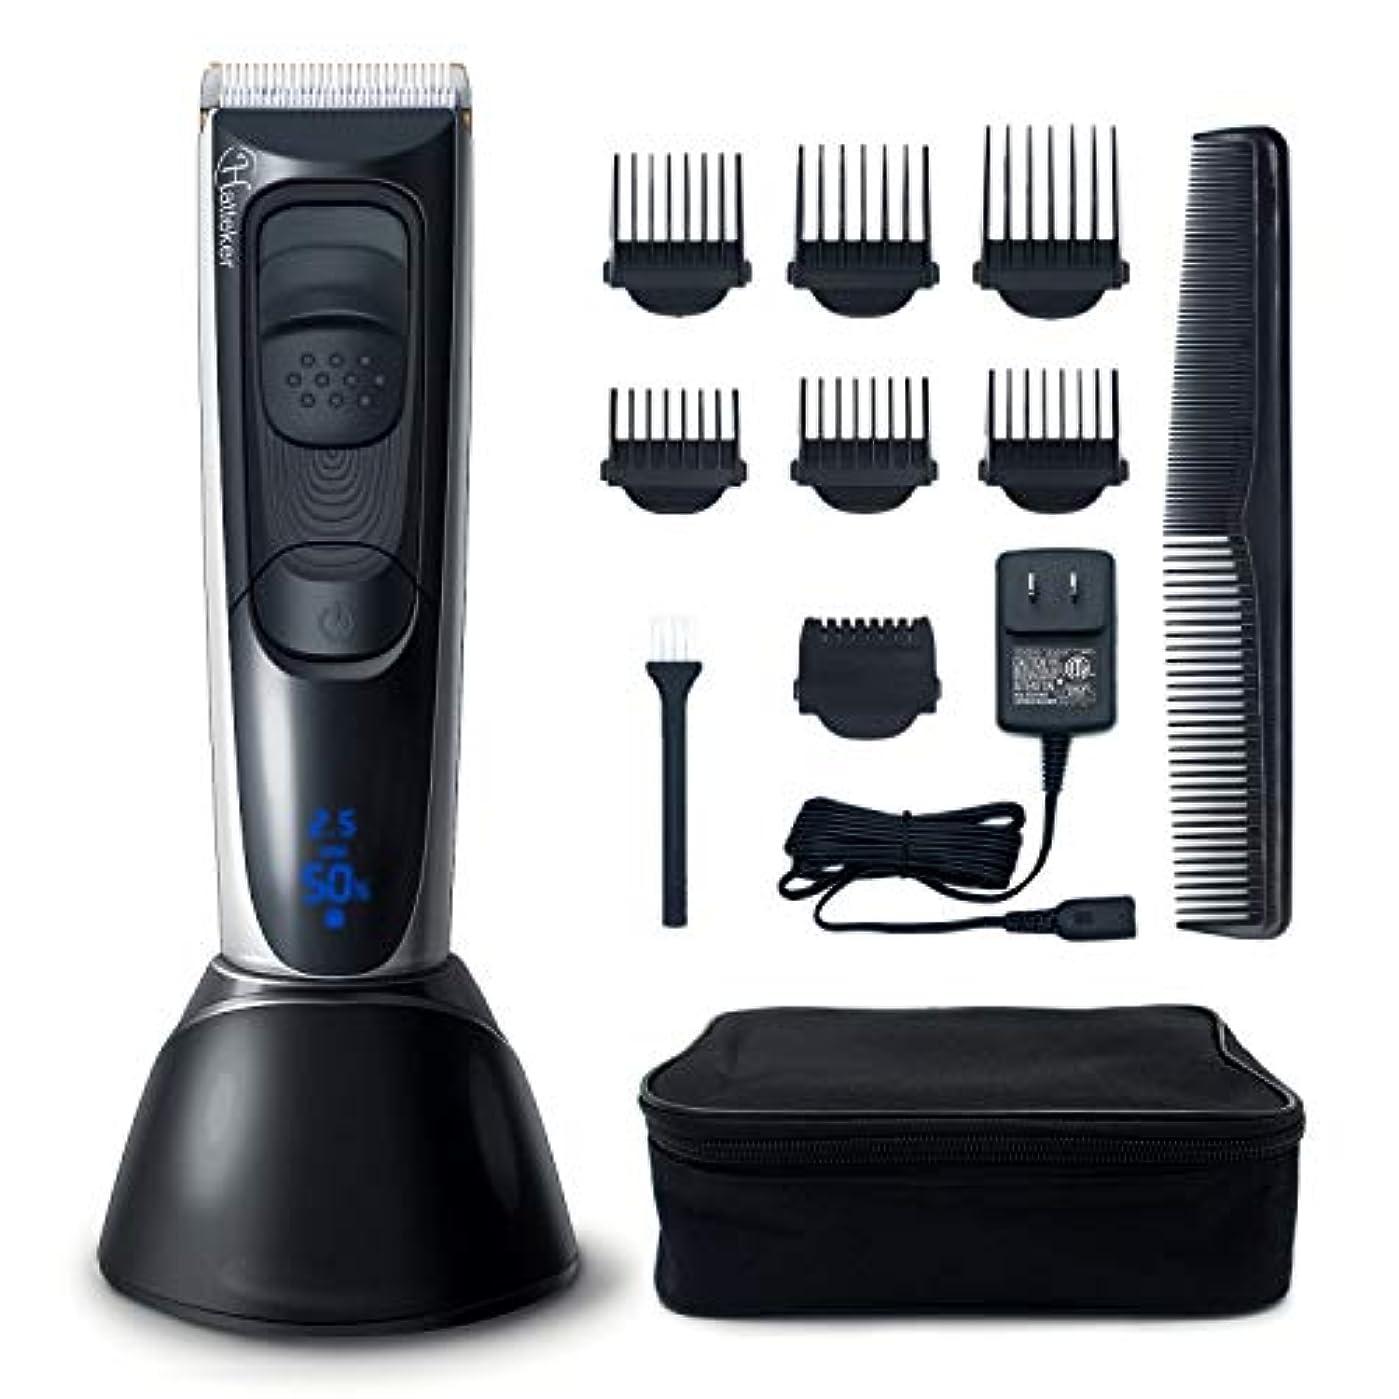 バリカン電気男性ヘアトリマー髭トリマーでマルチサイズ微調整ライトledディスプレイ充電式